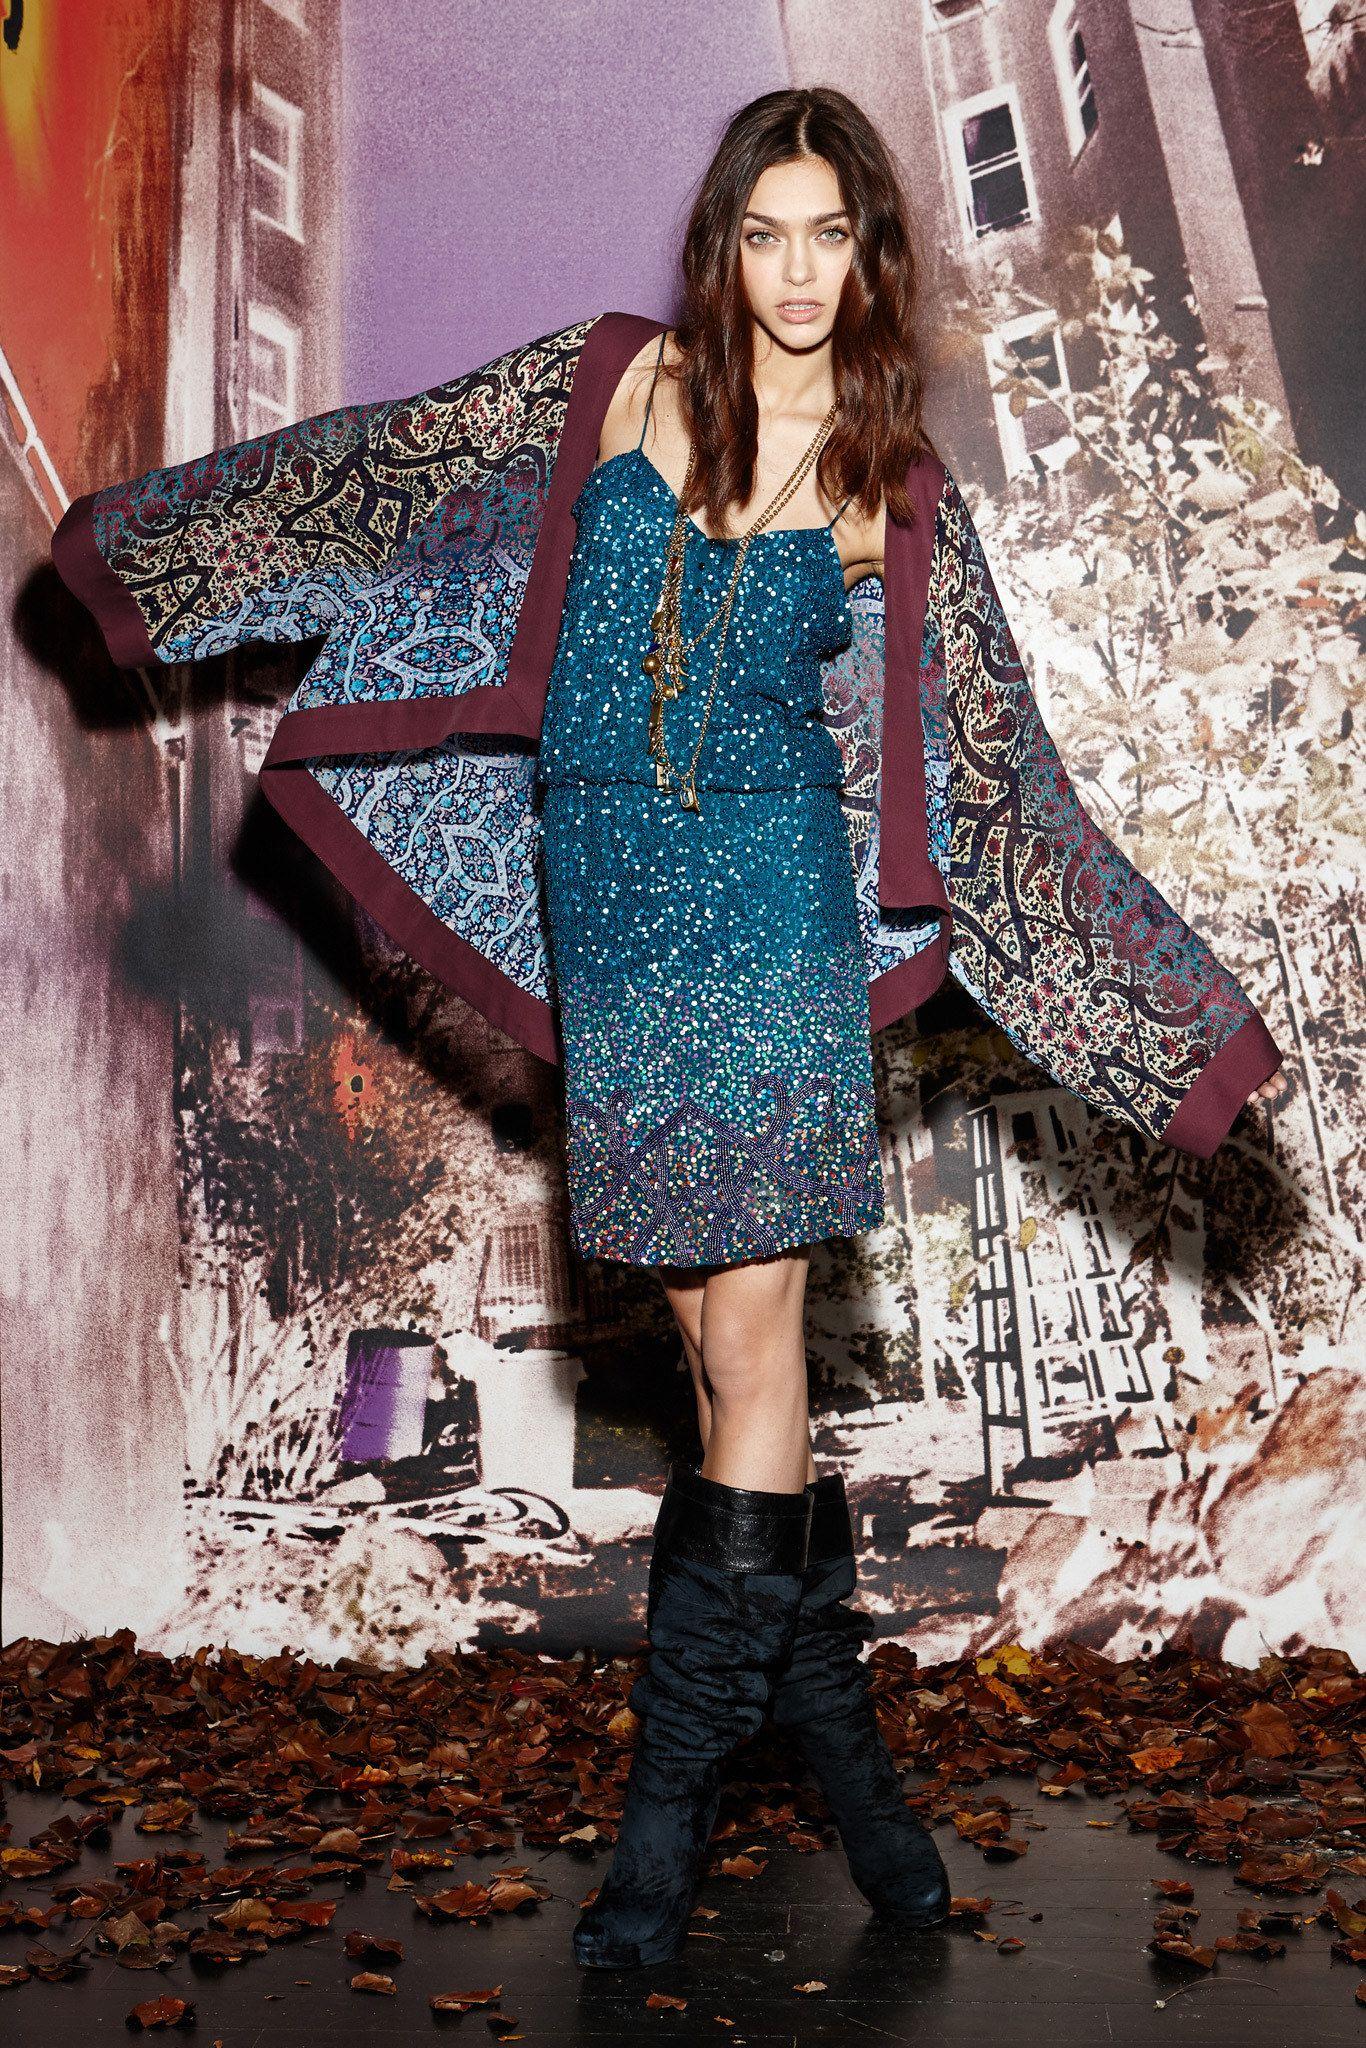 Nicole Miller Pre-Fall 2014 Fashion Show - Zhenya Katava